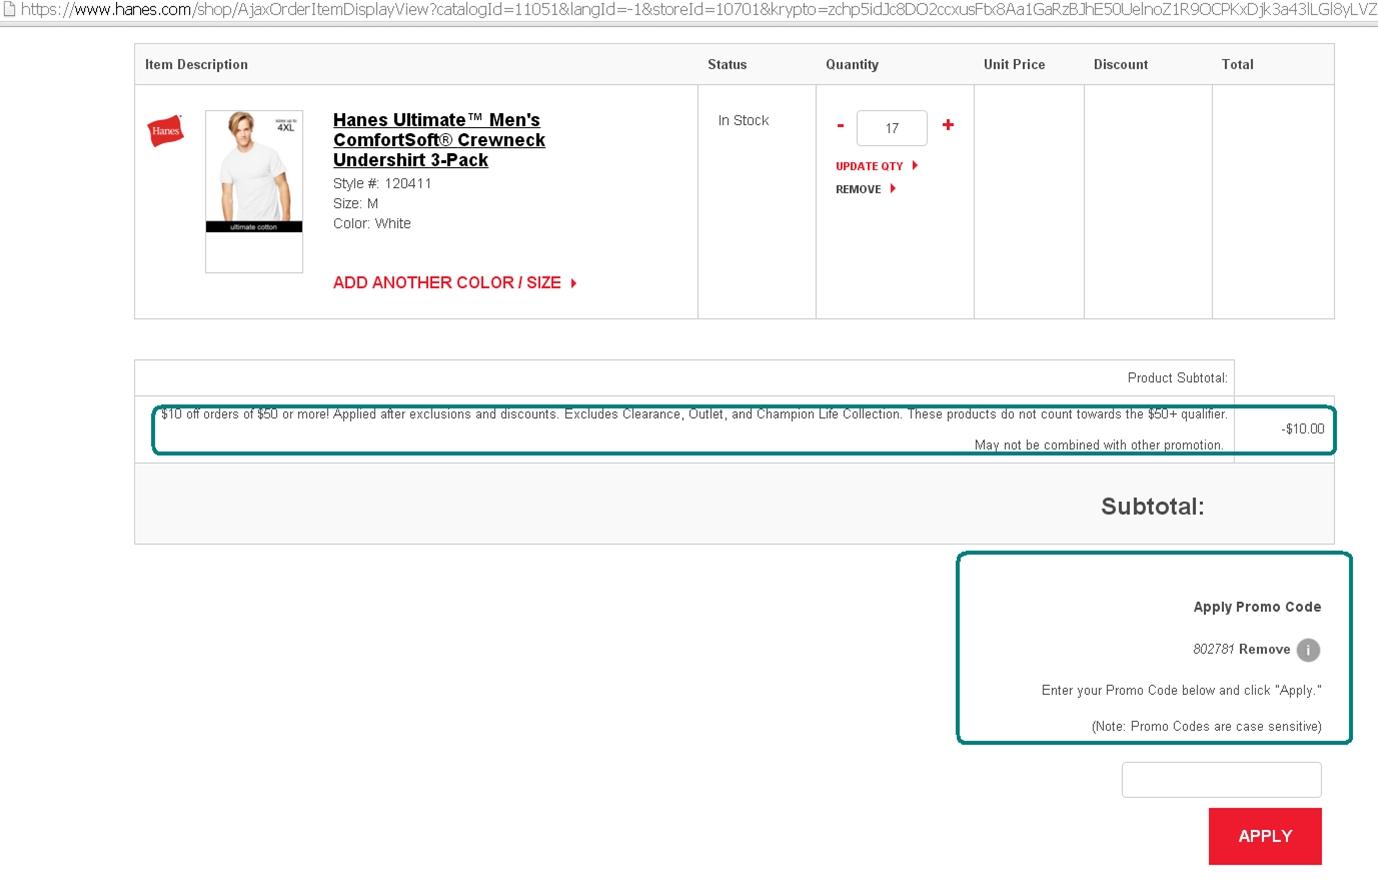 Hanes.com coupon code